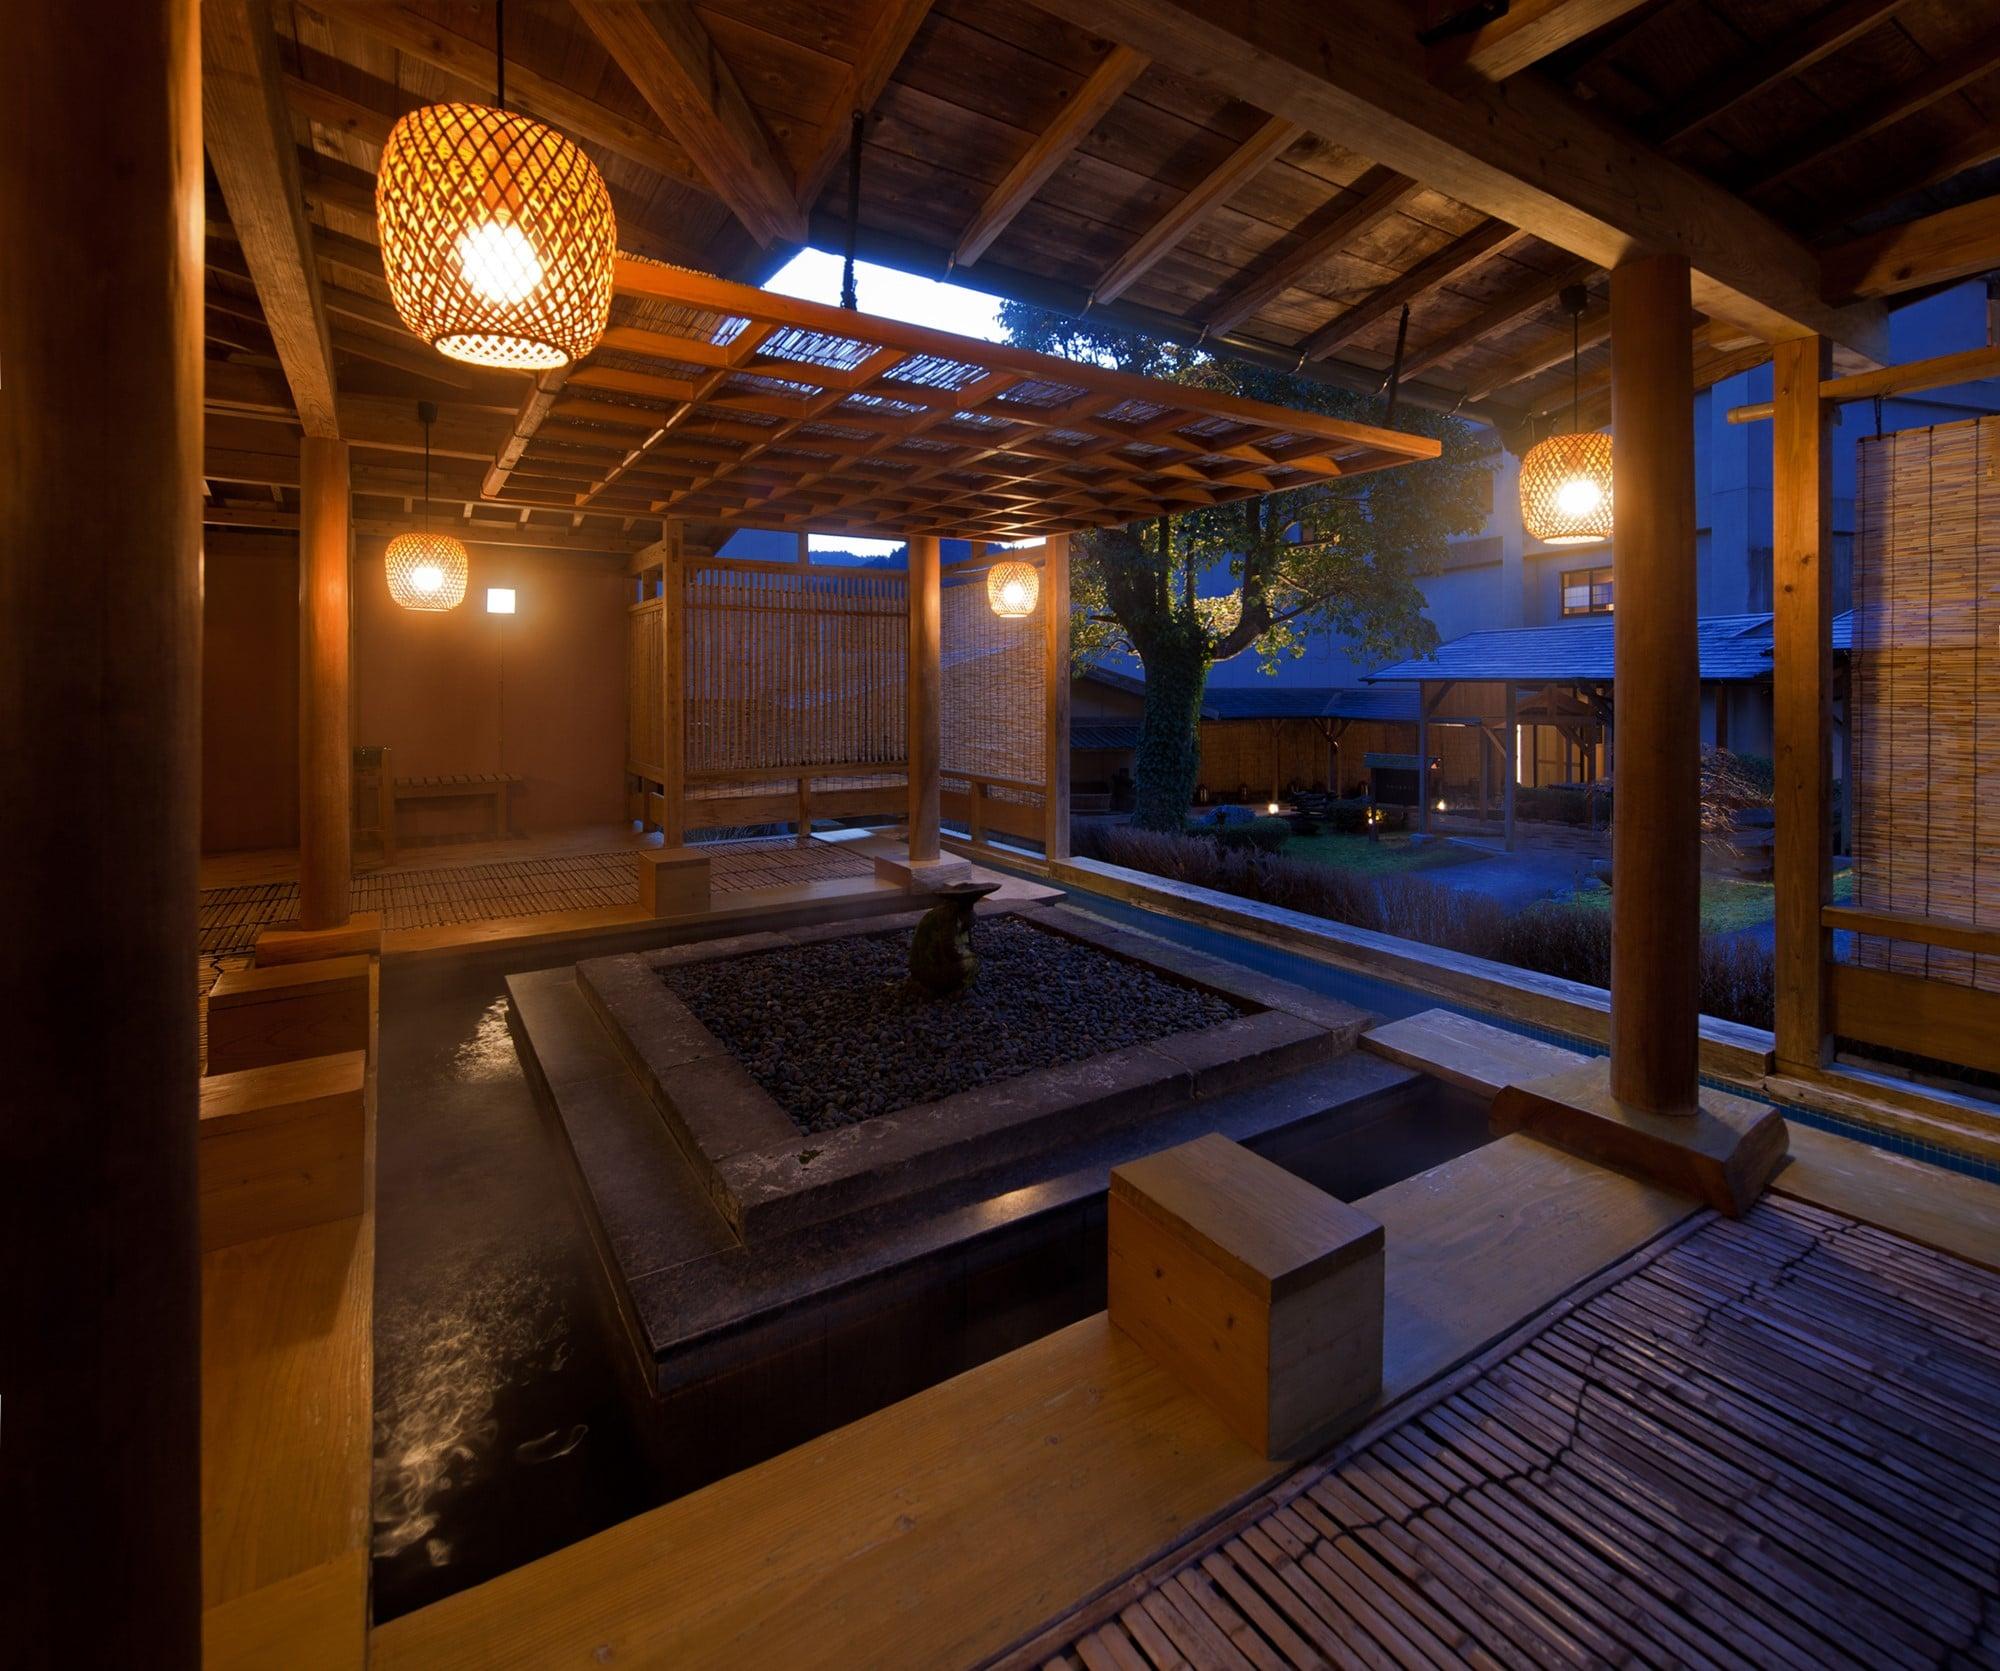 湯処「SHIORI/しおり」は、寝湯や箱蒸し風呂、檜風呂など男女合わせて15種類が楽しめる